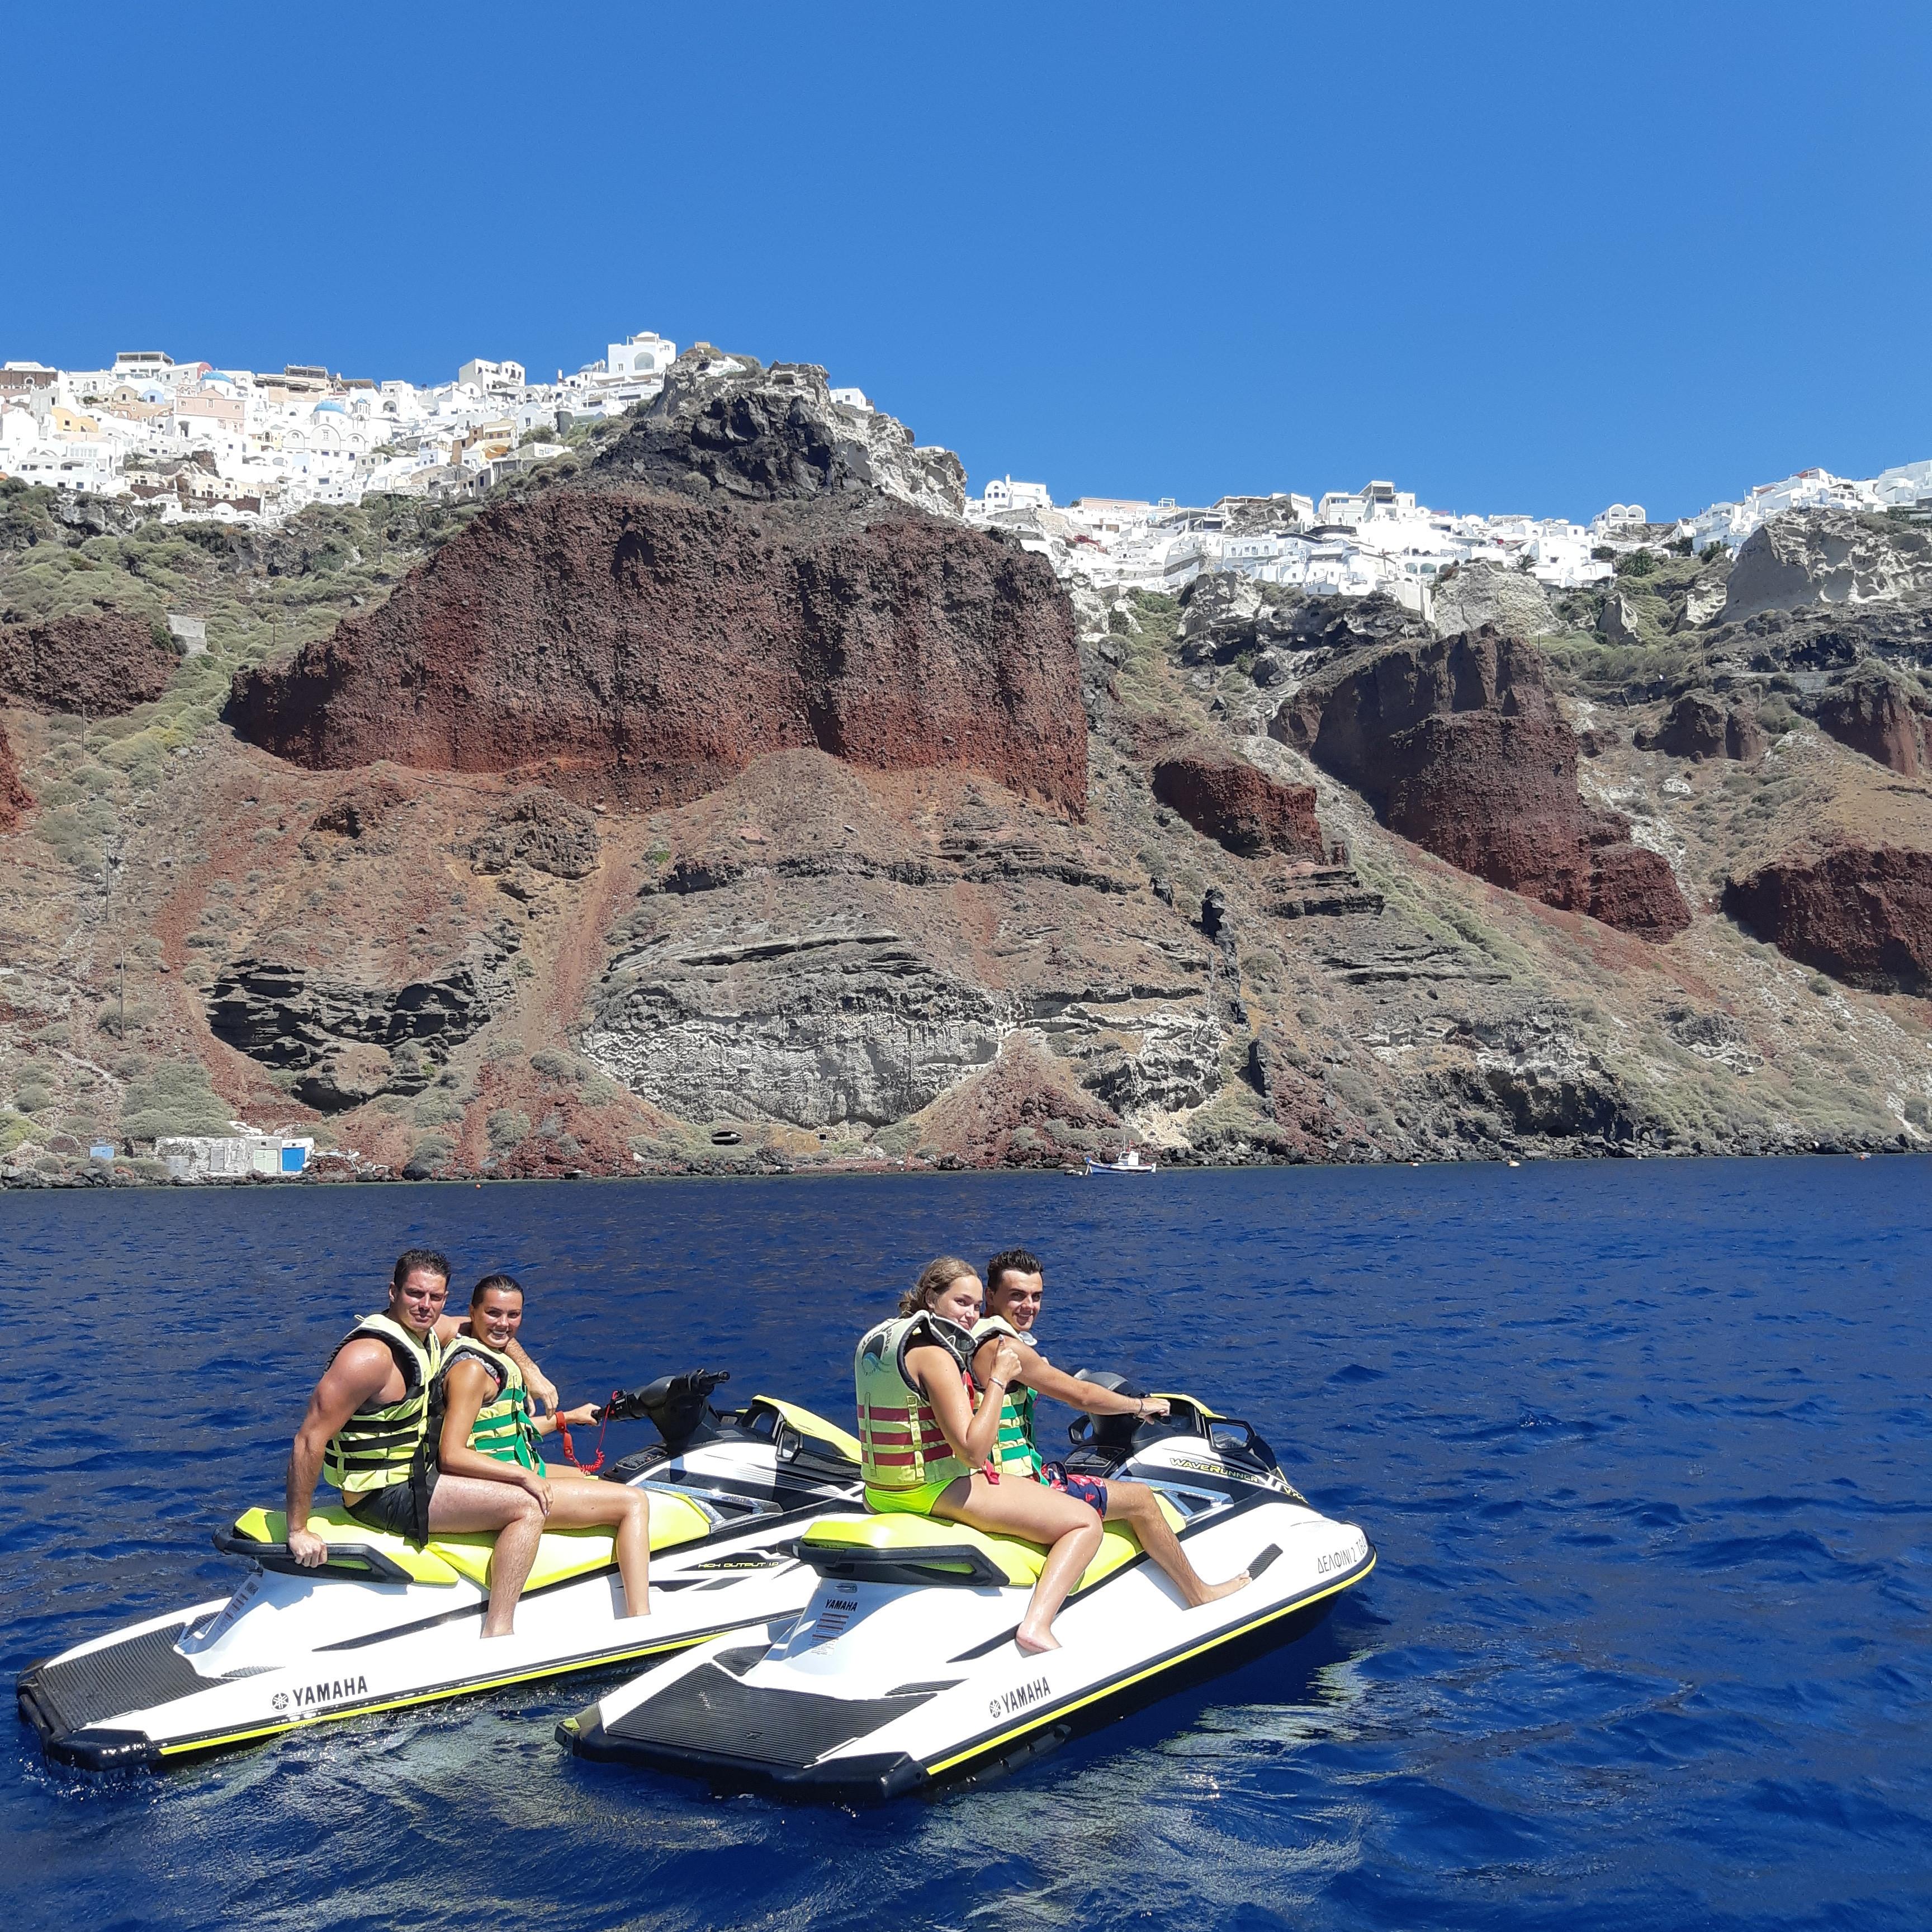 2 Jet skis for safari  tour 1